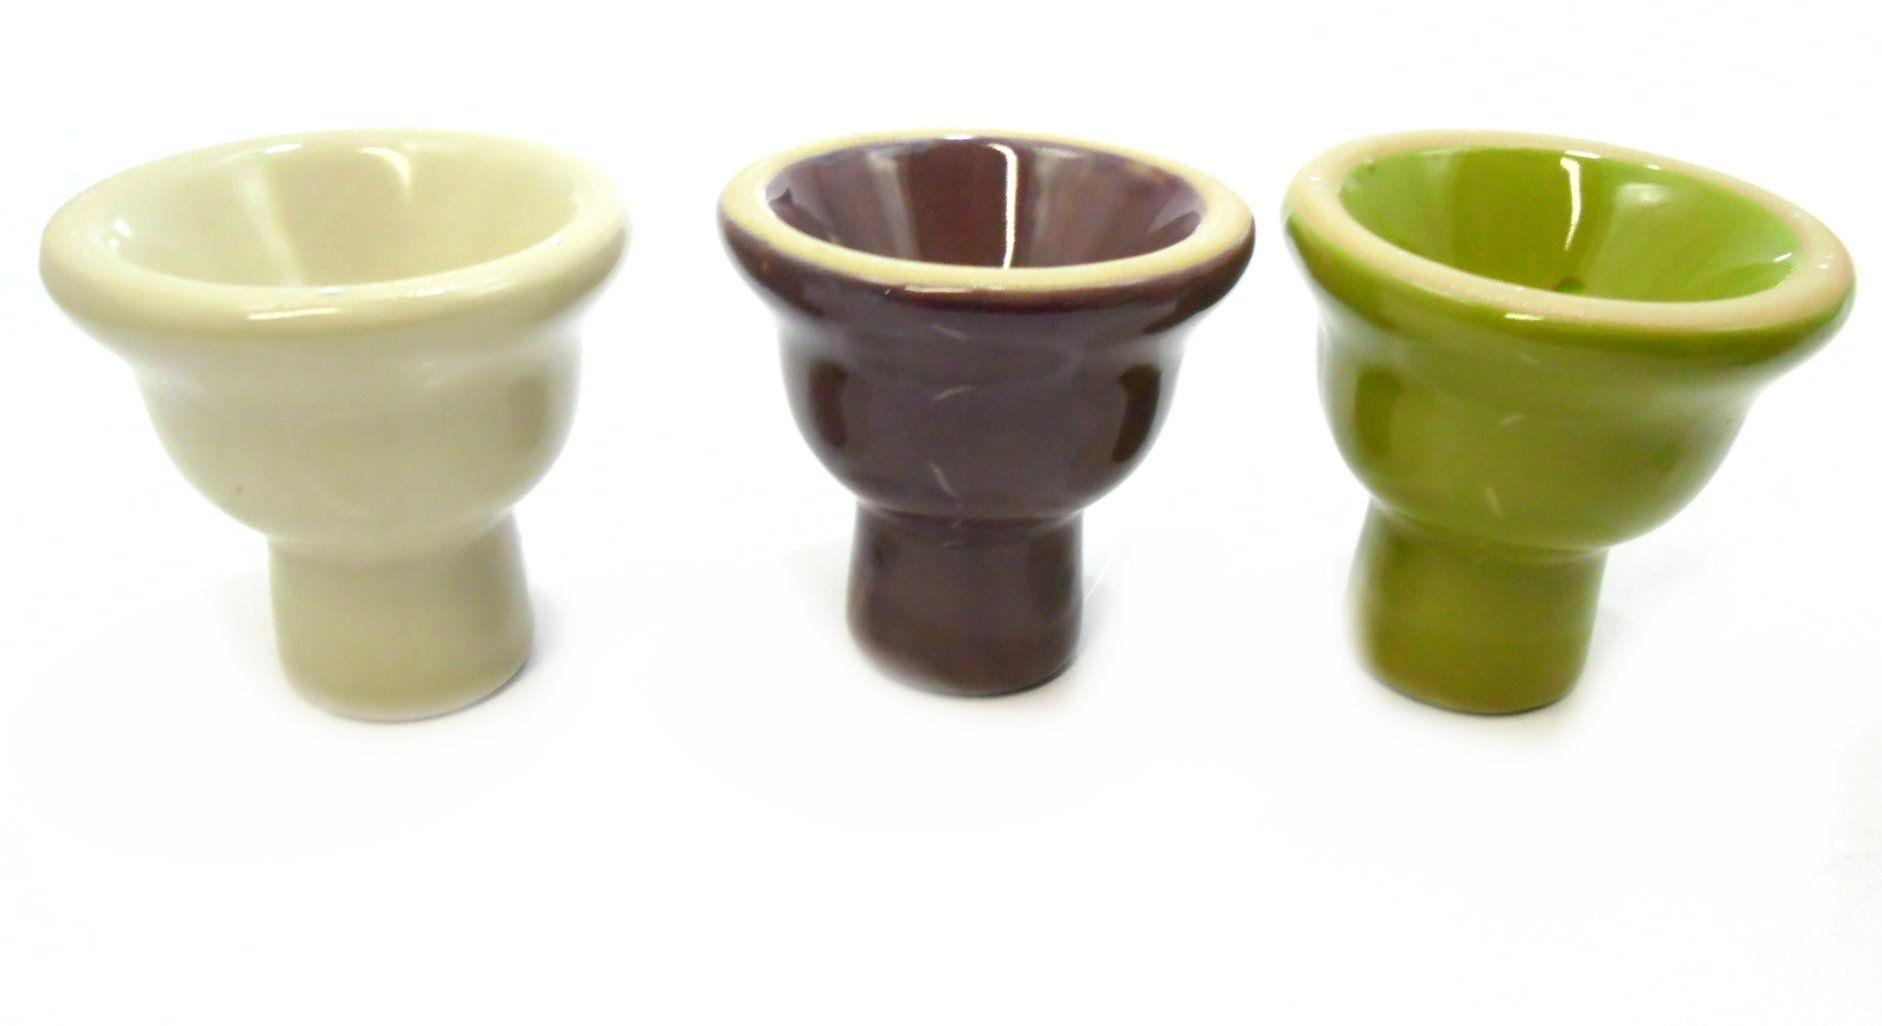 02 Fornilhos (5 furos) com vedação 6cm. Lilás e Verde.